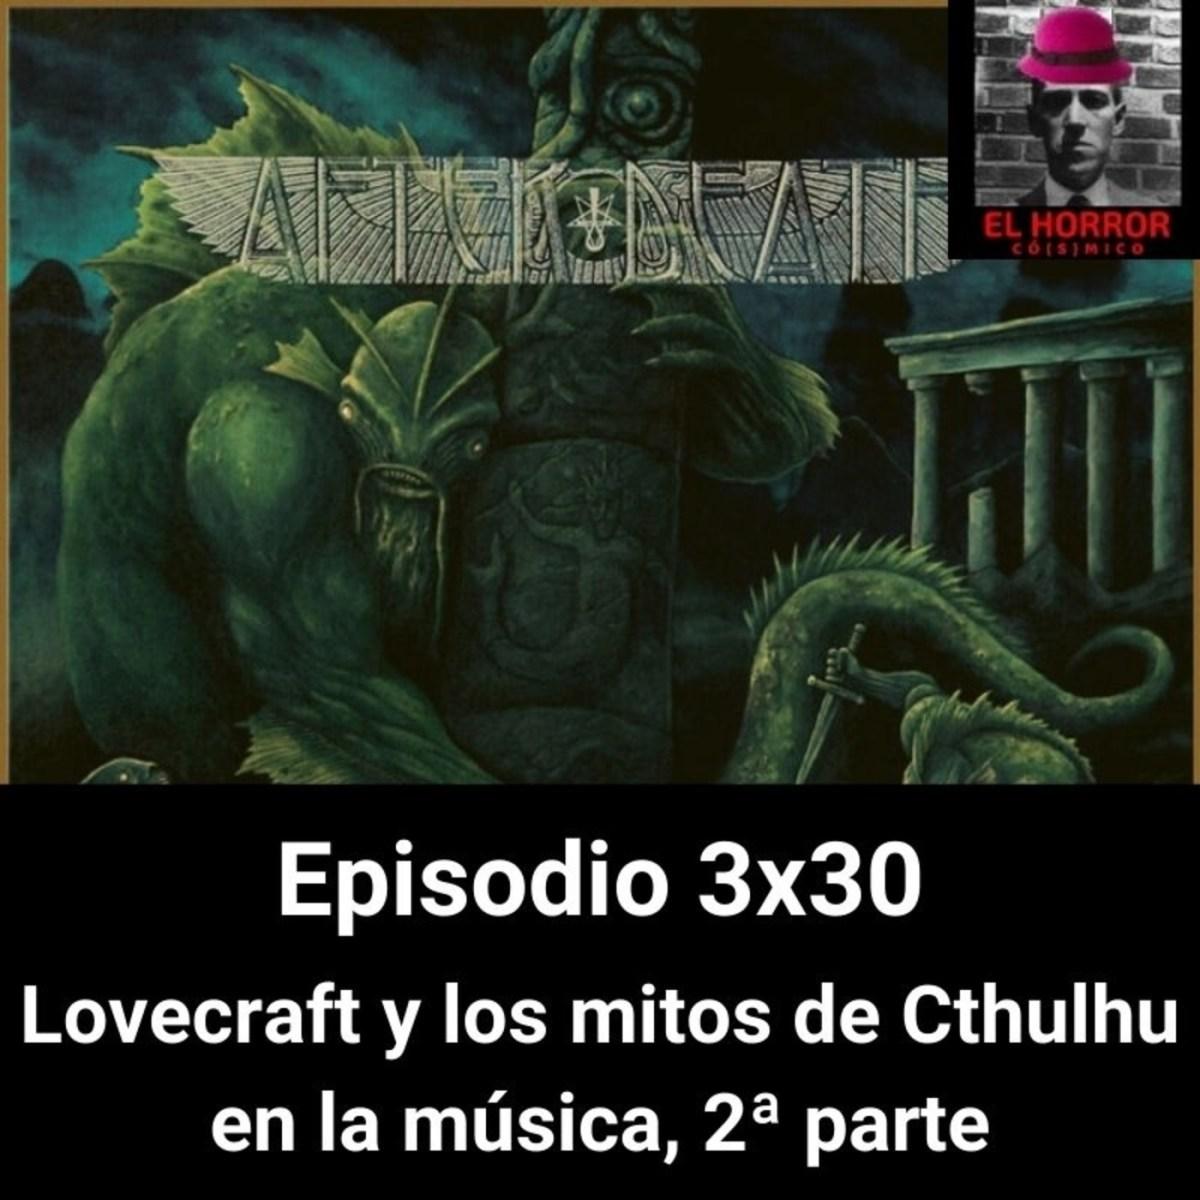 EHC 3X30 Lovecraft y los mitos de Cthulhu en la música. 2ª parte